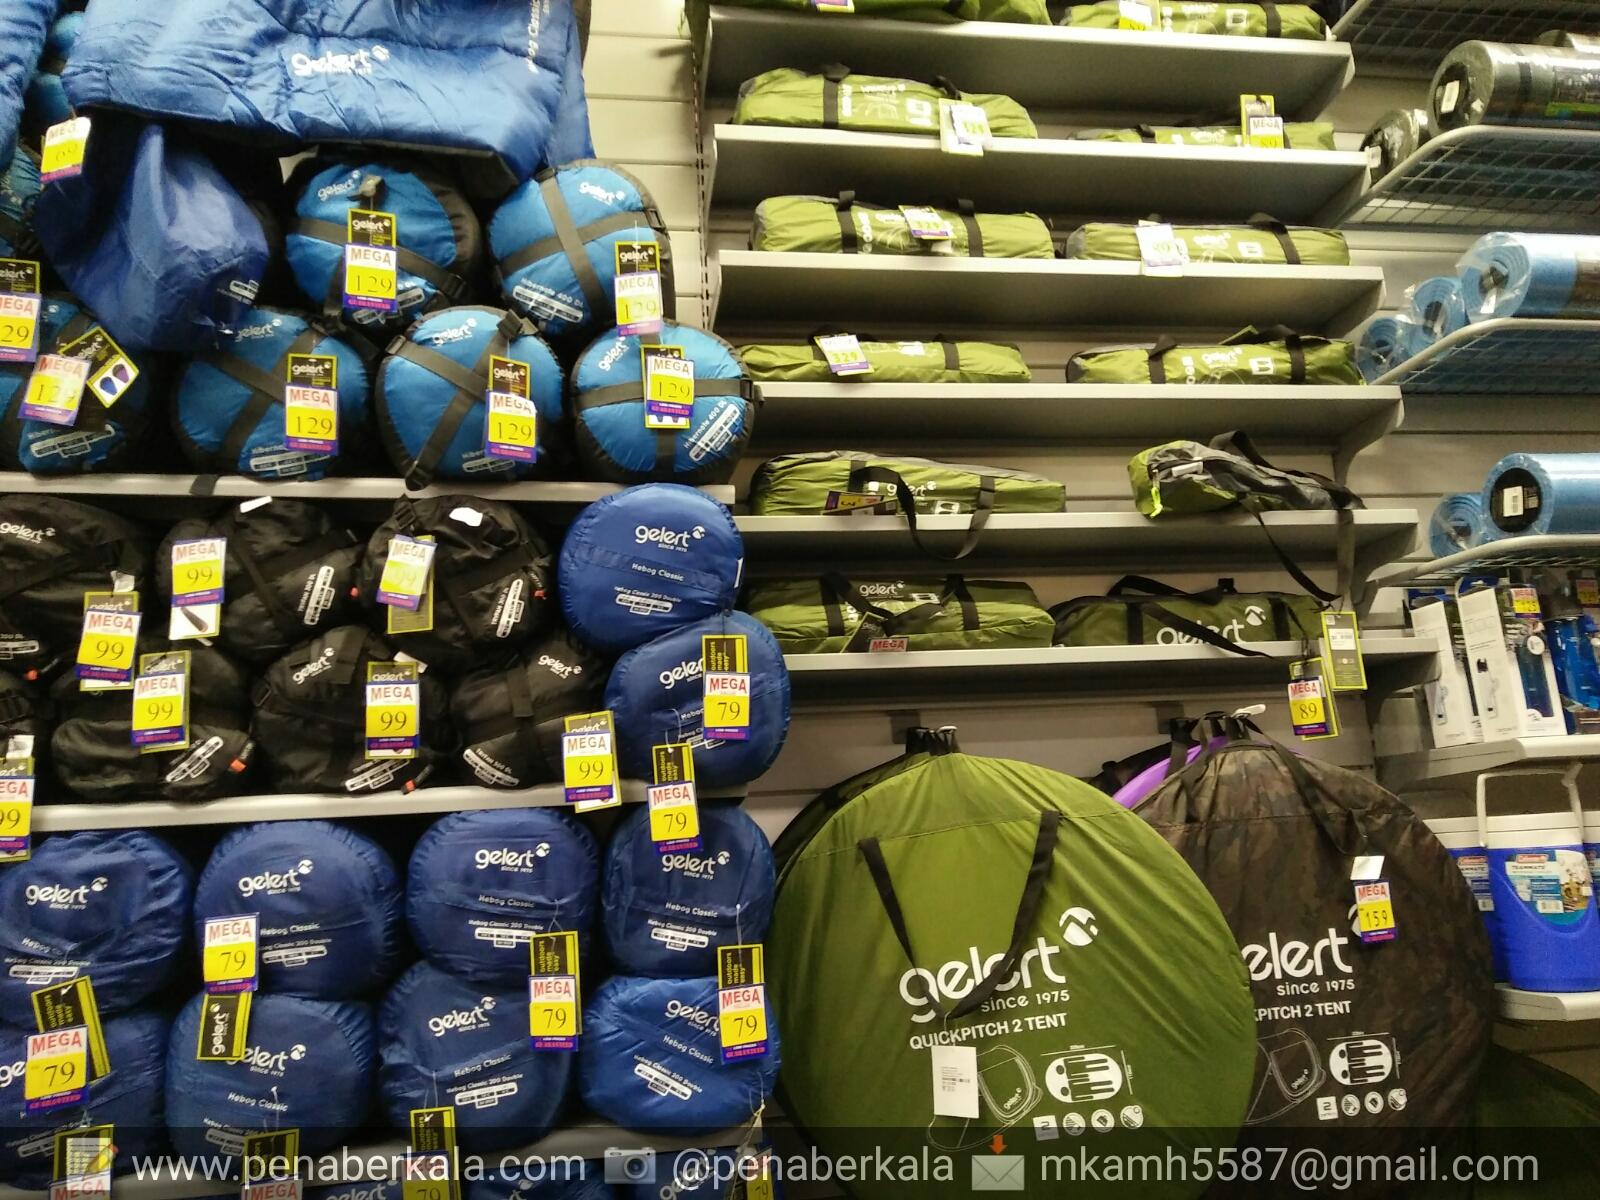 Sleeping bag dan khemah (iglu tent) & VISIBLE VOICE: JUALAN MURAH DI SPORTSDIRECT.COM